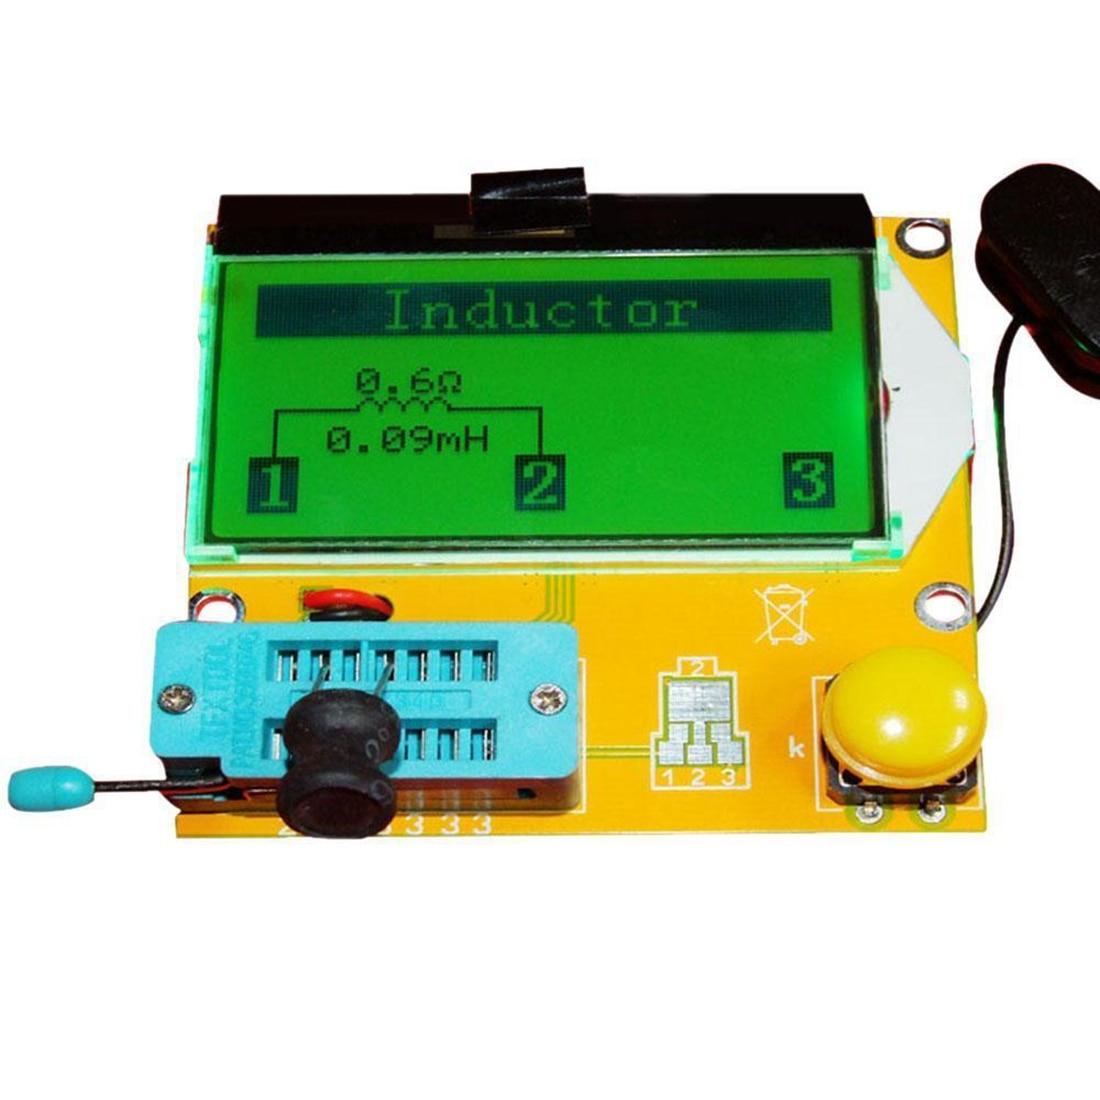 CNIM Chaude LCR-T3 Transistor Testeur de Diodes Triode Capactitance ESR LCR Mètre MOS PNP NPN